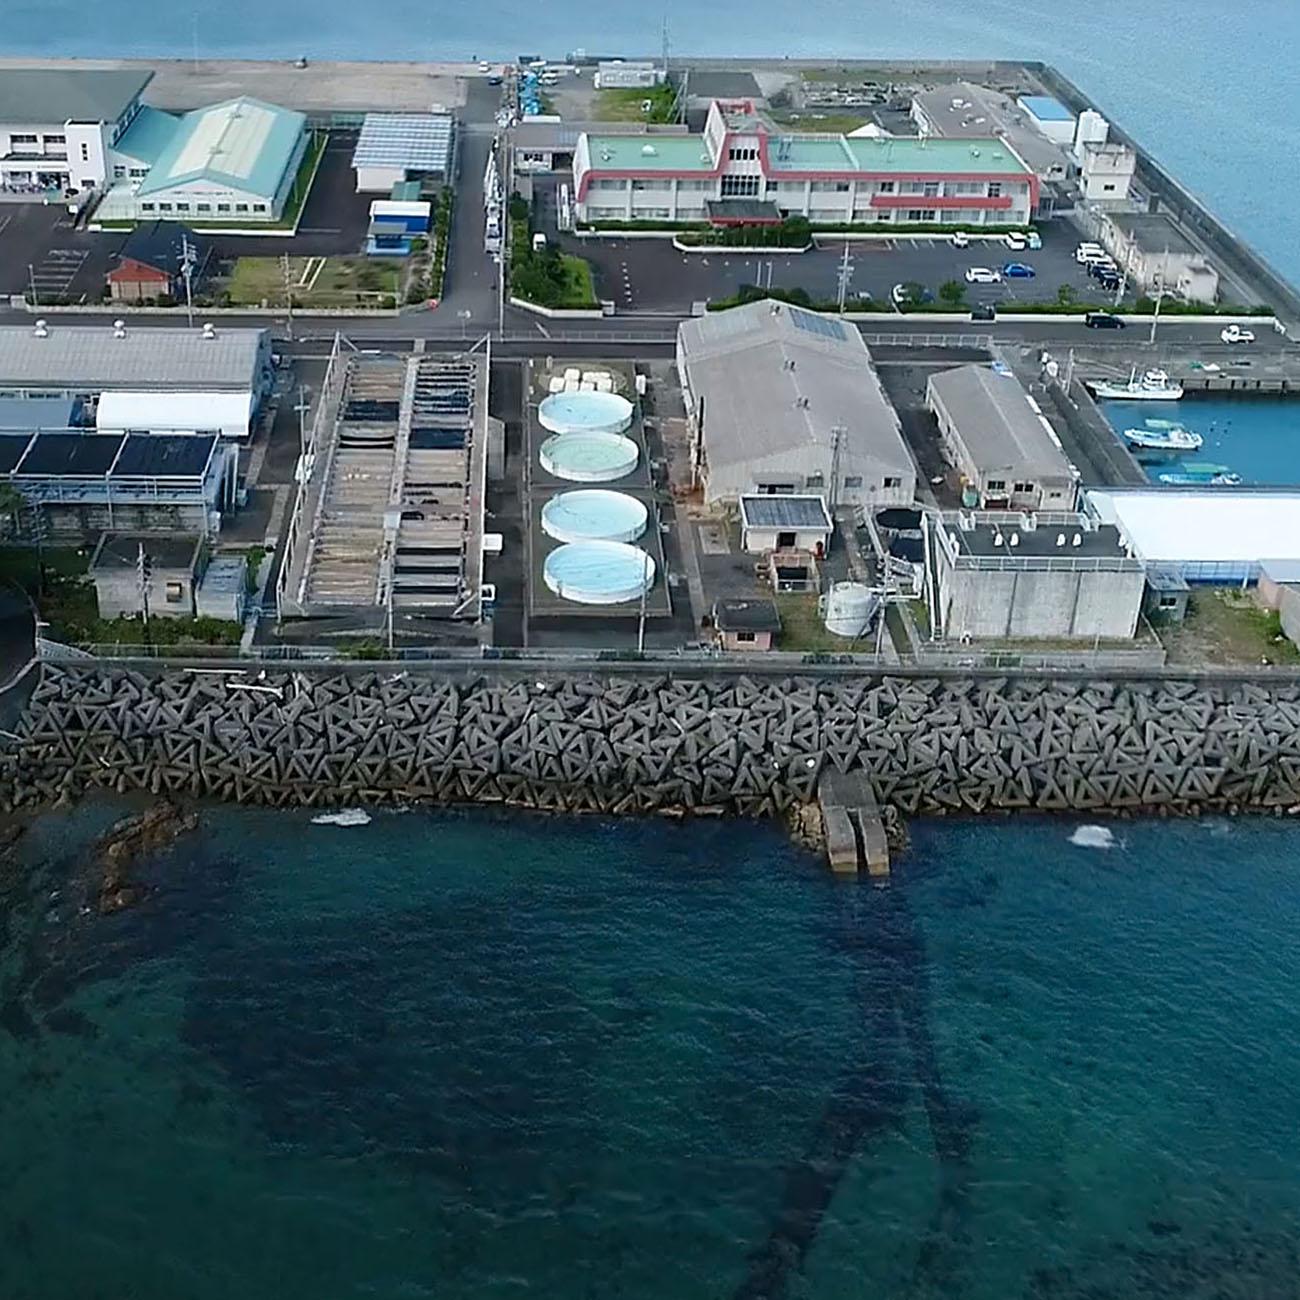 国立水産総合研究センターや三重県水産研究所